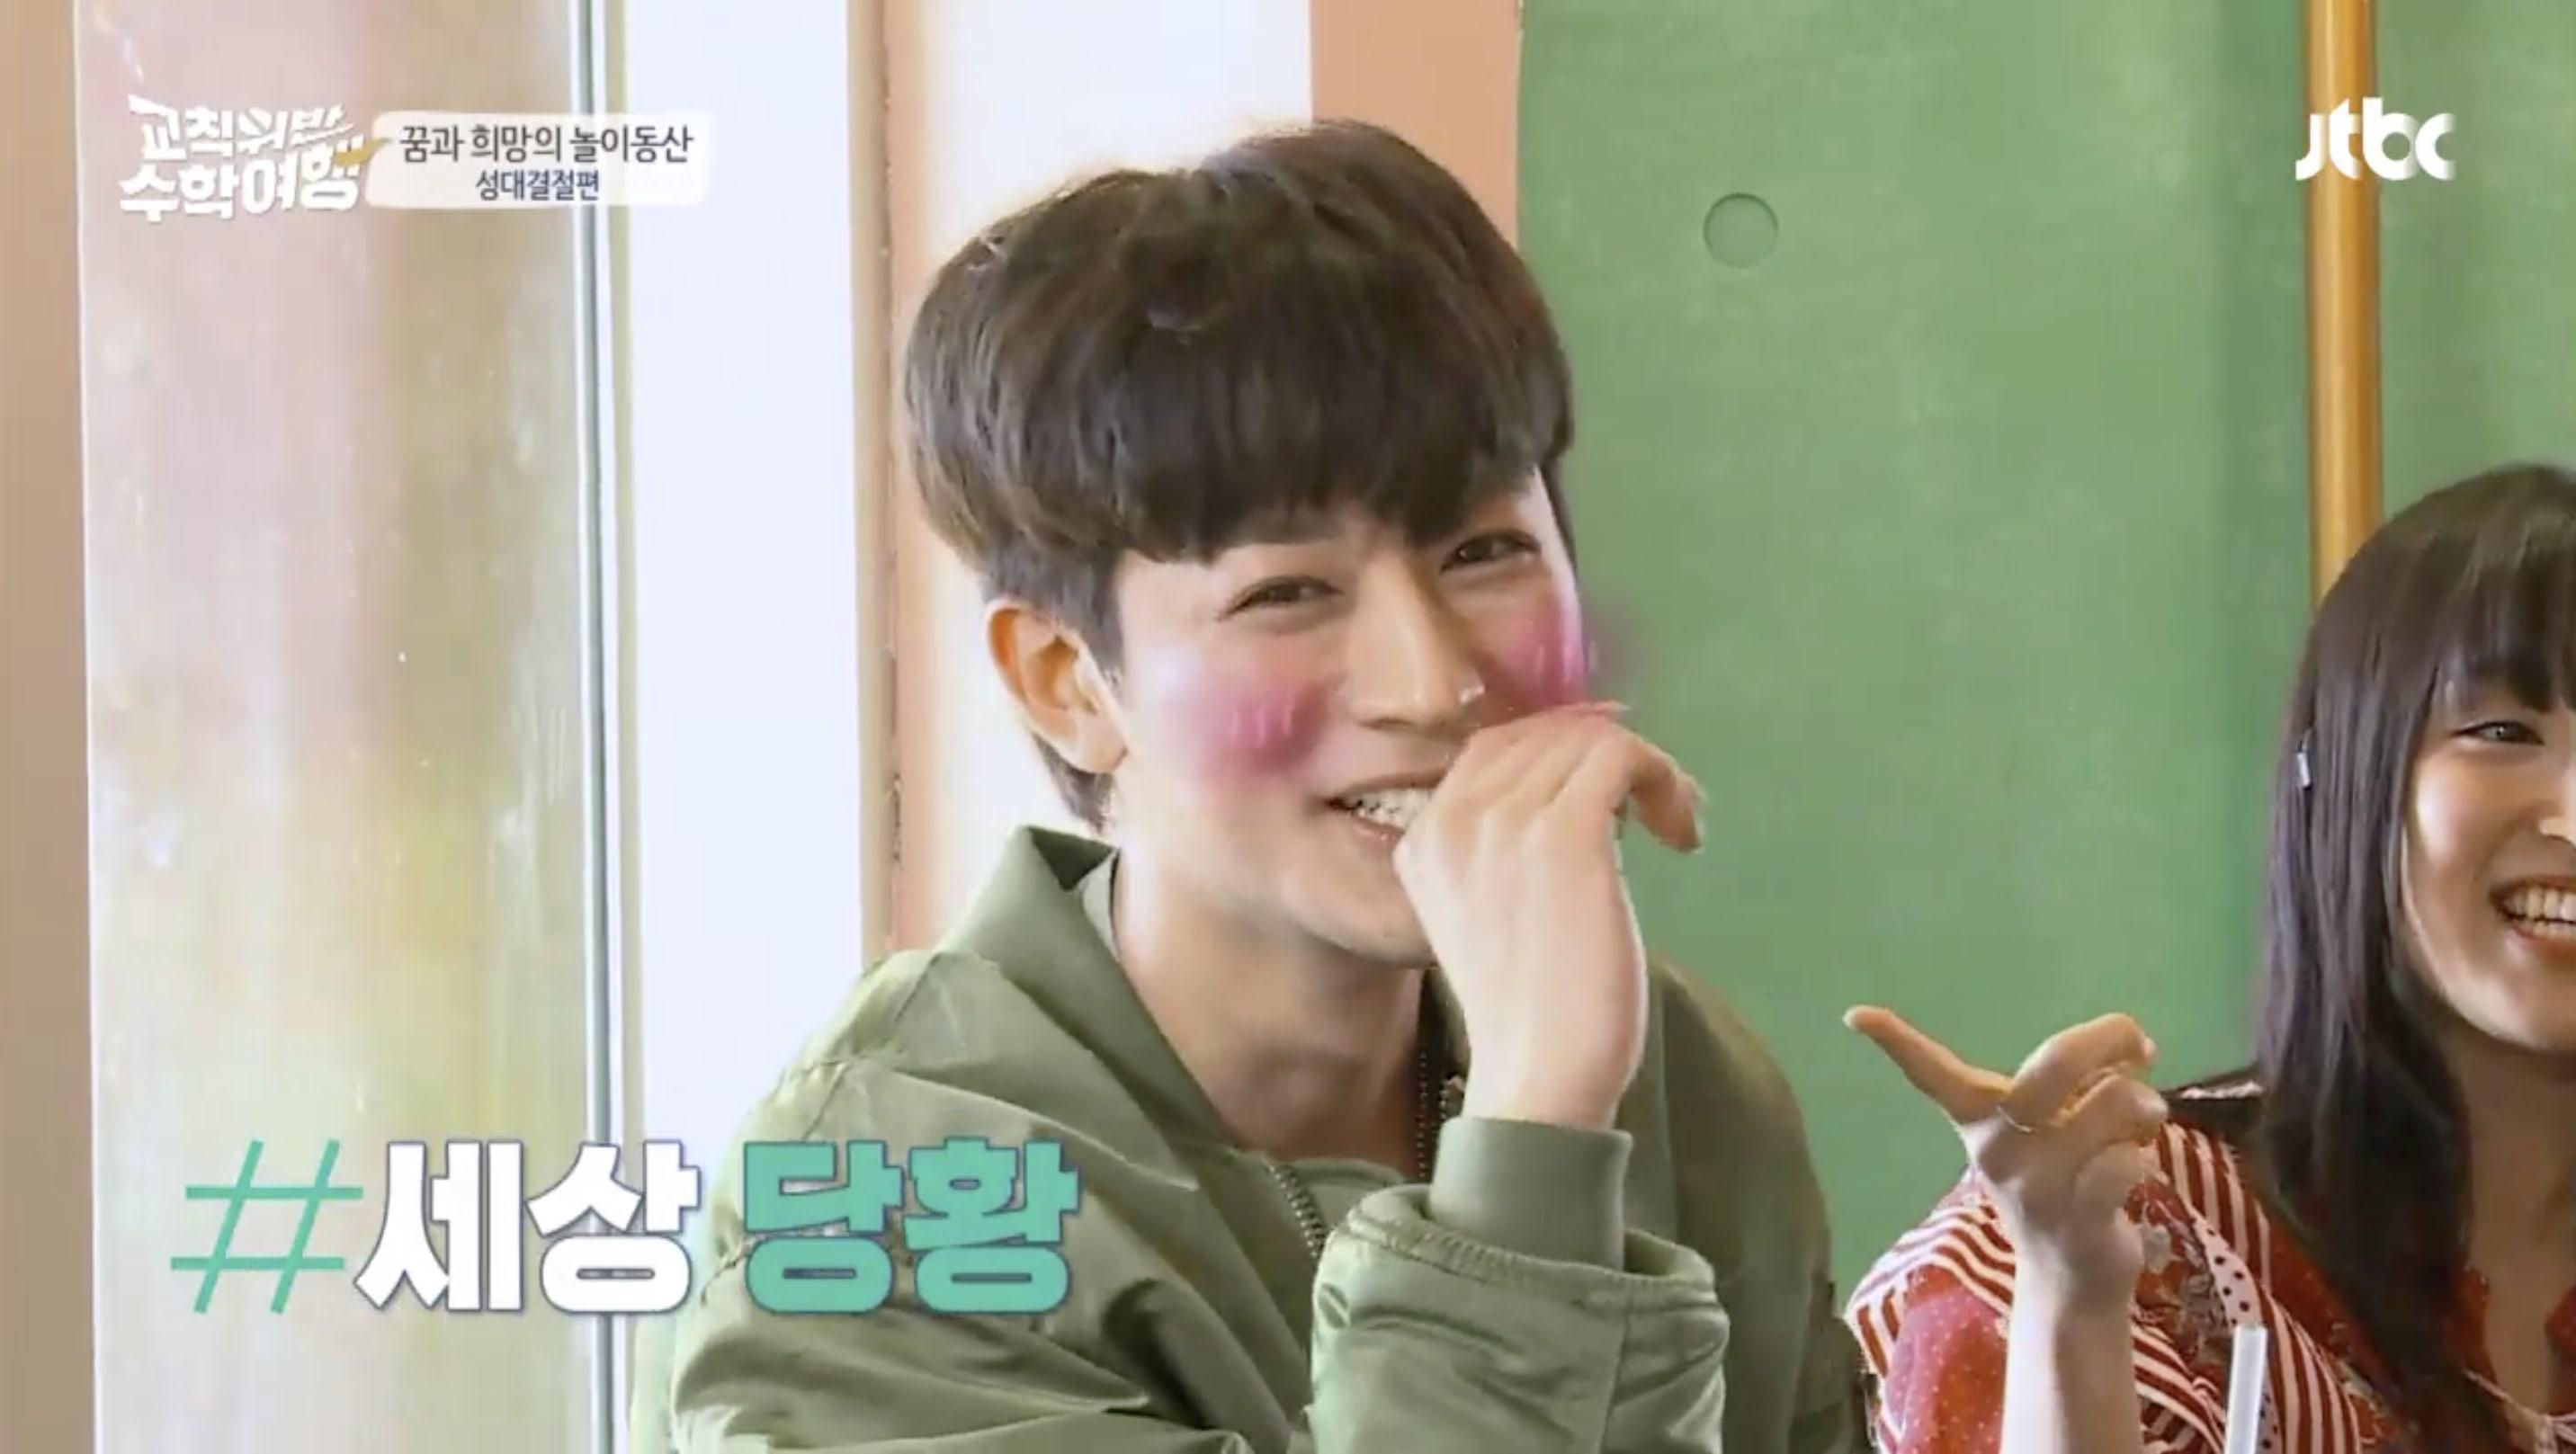 iKON's Yunhyeong Makes A Hilarious Mistake While Describing His Ideal Type